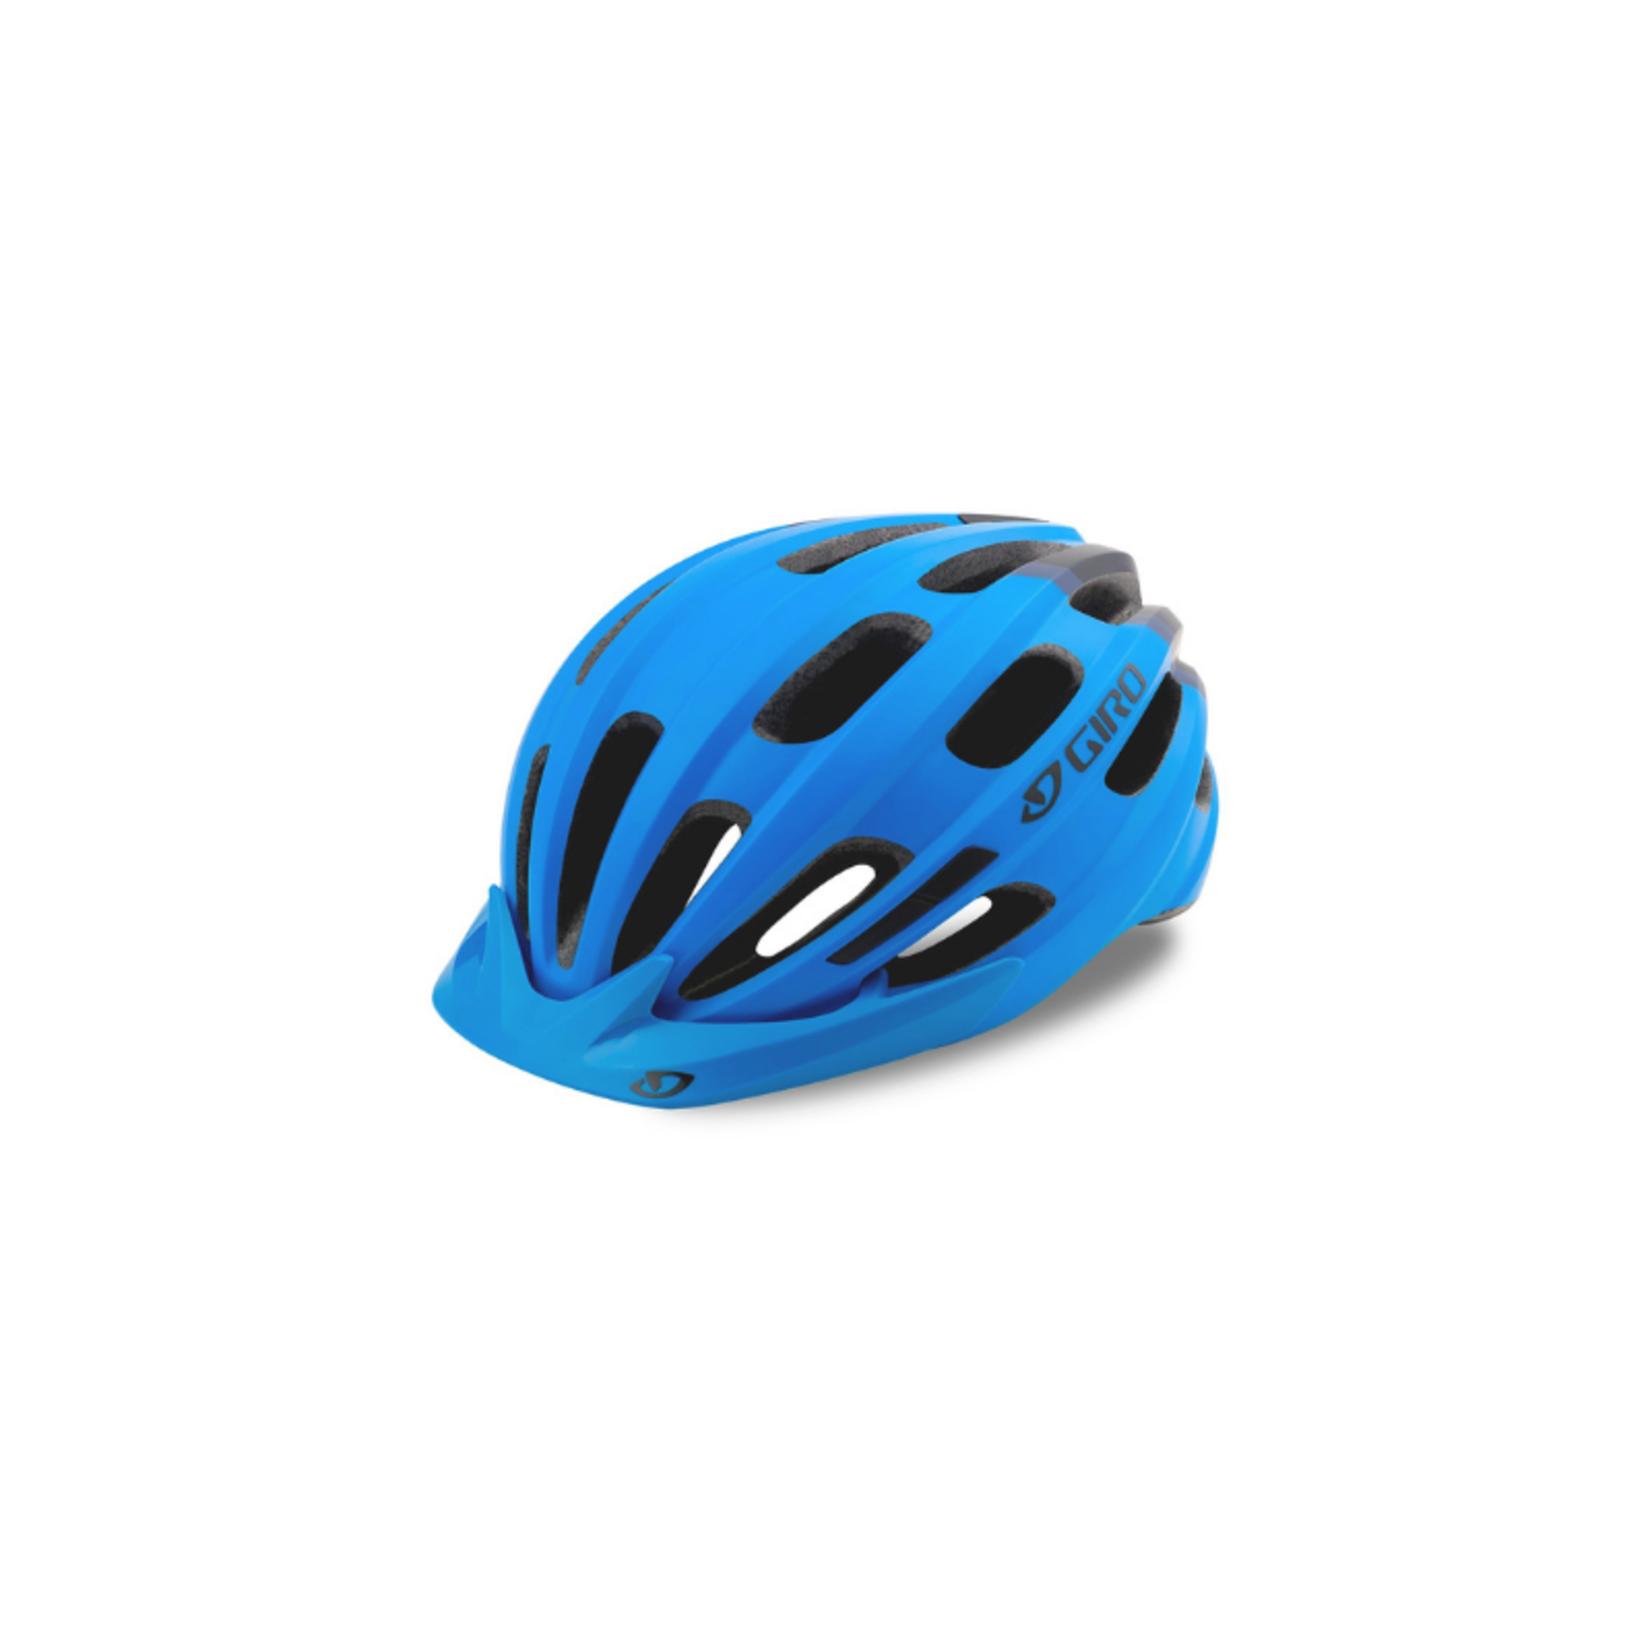 Giro Hale UY Helmet